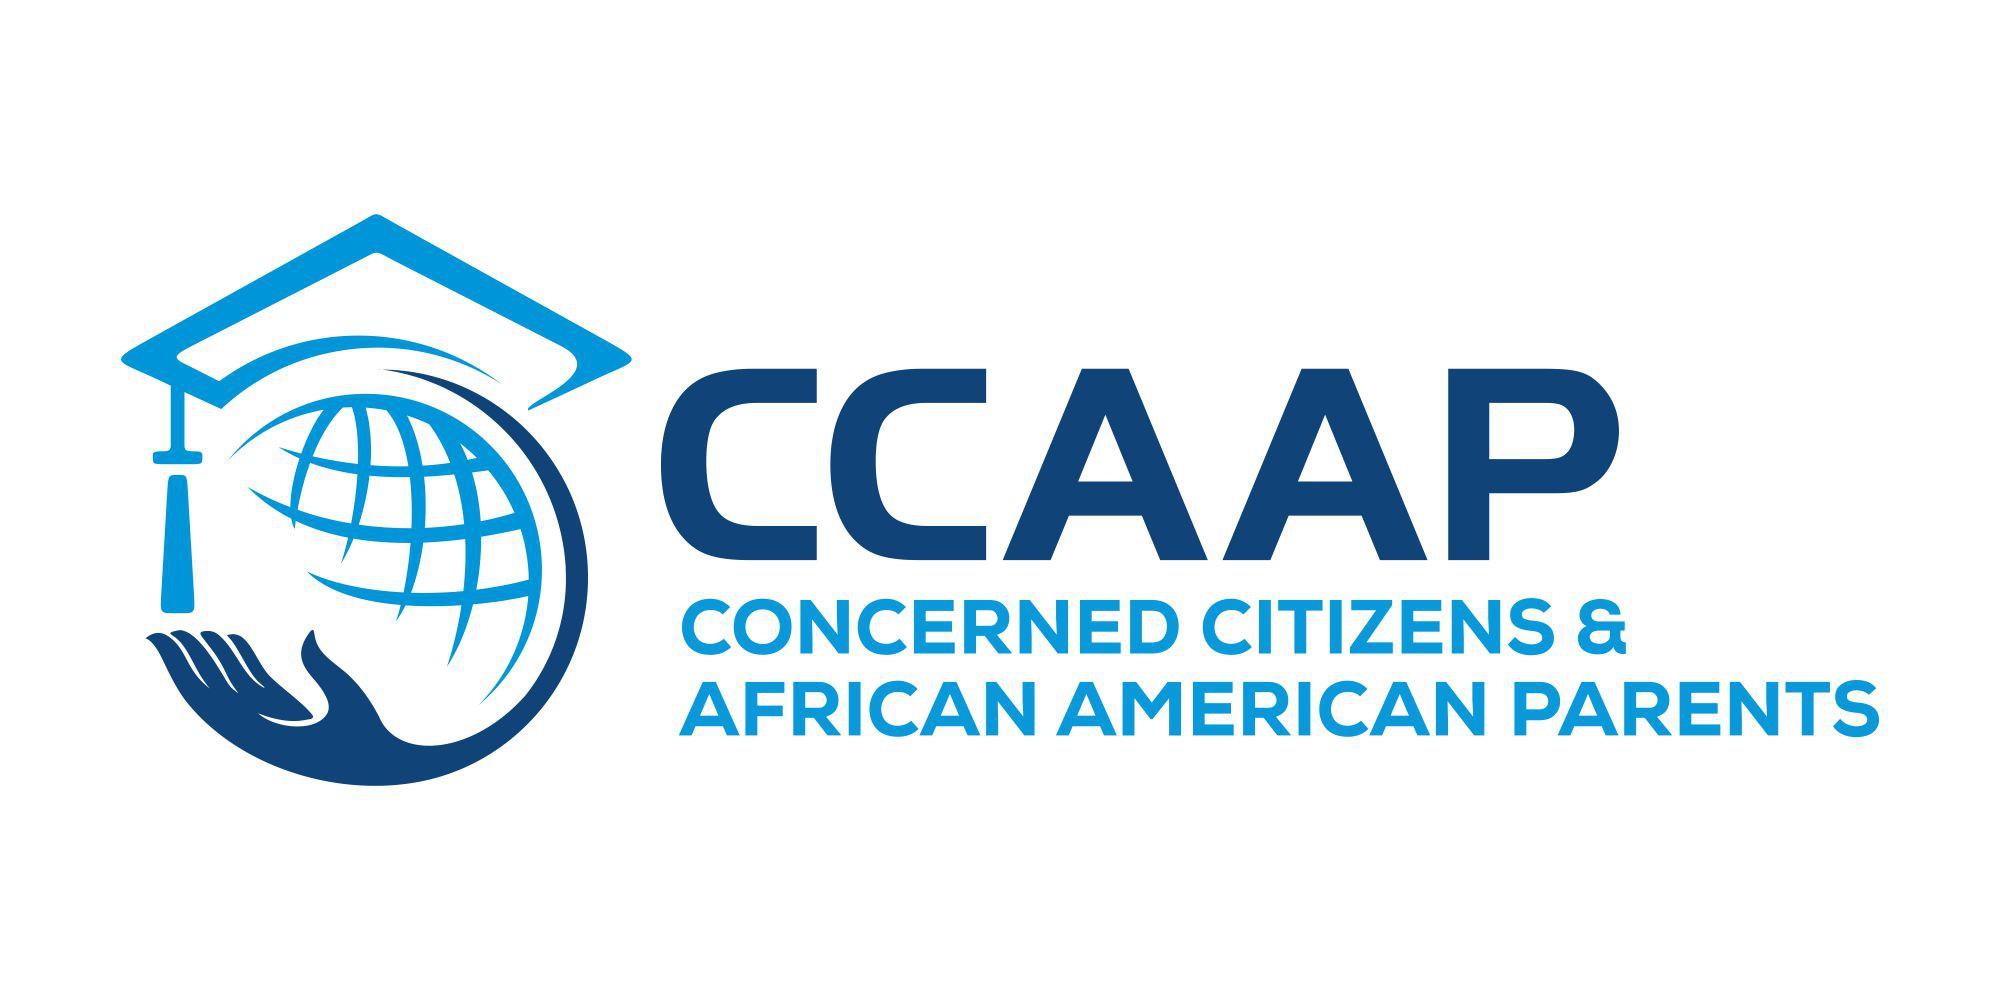 CCAAP Logo Design